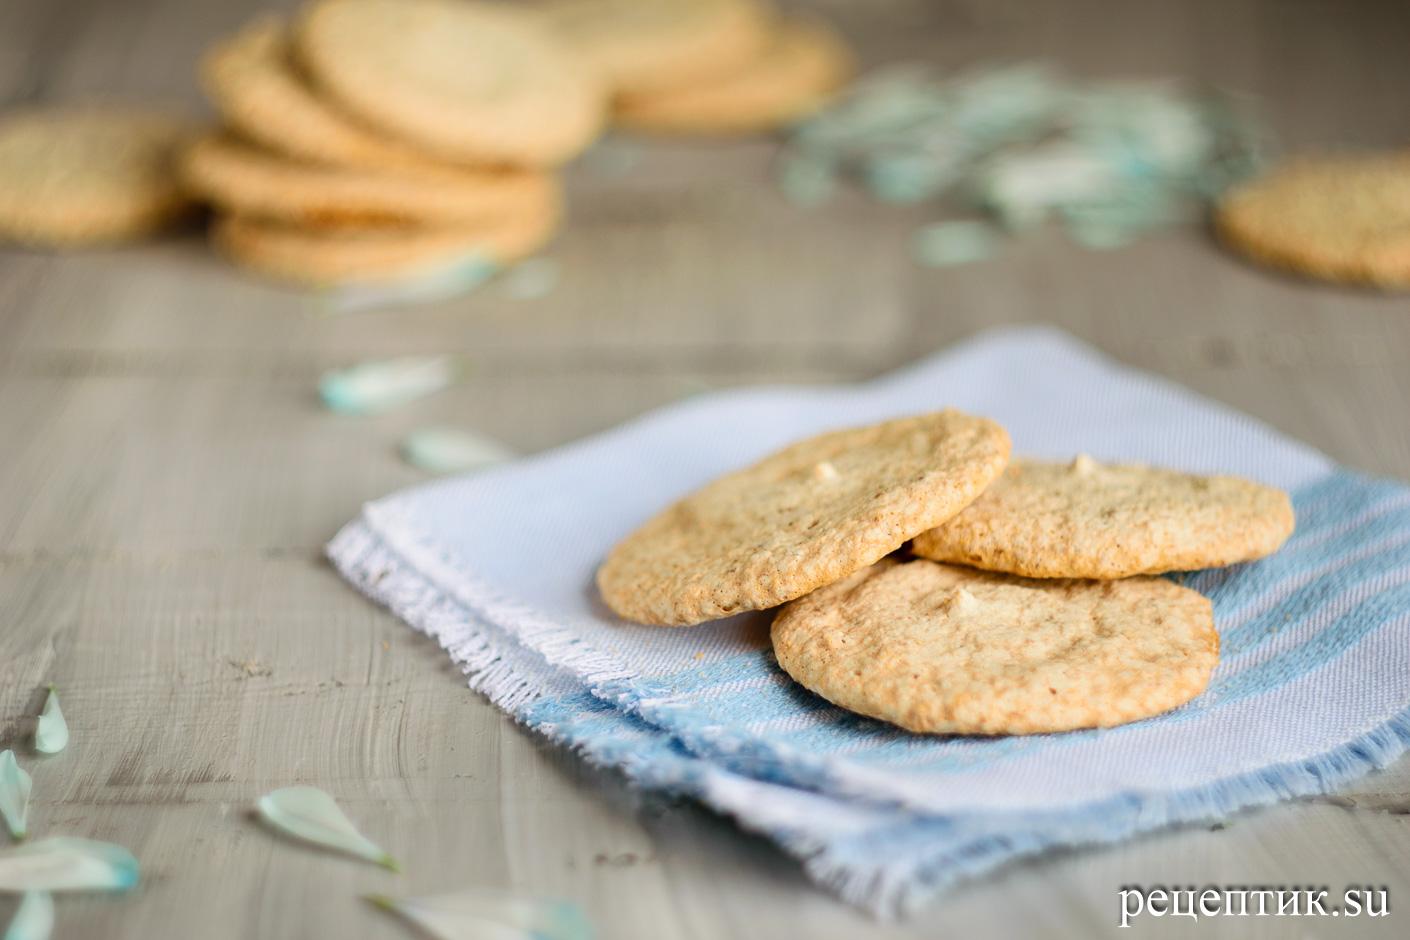 Простое миндальное печенье без муки (ореховое безе) - рецепт с фото, результат